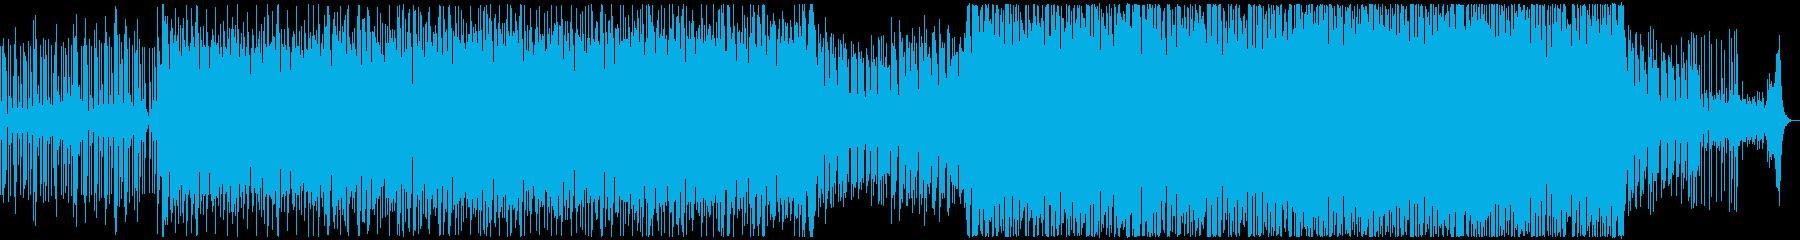 ゲーム、アプリにダークな雰囲気のEDMの再生済みの波形